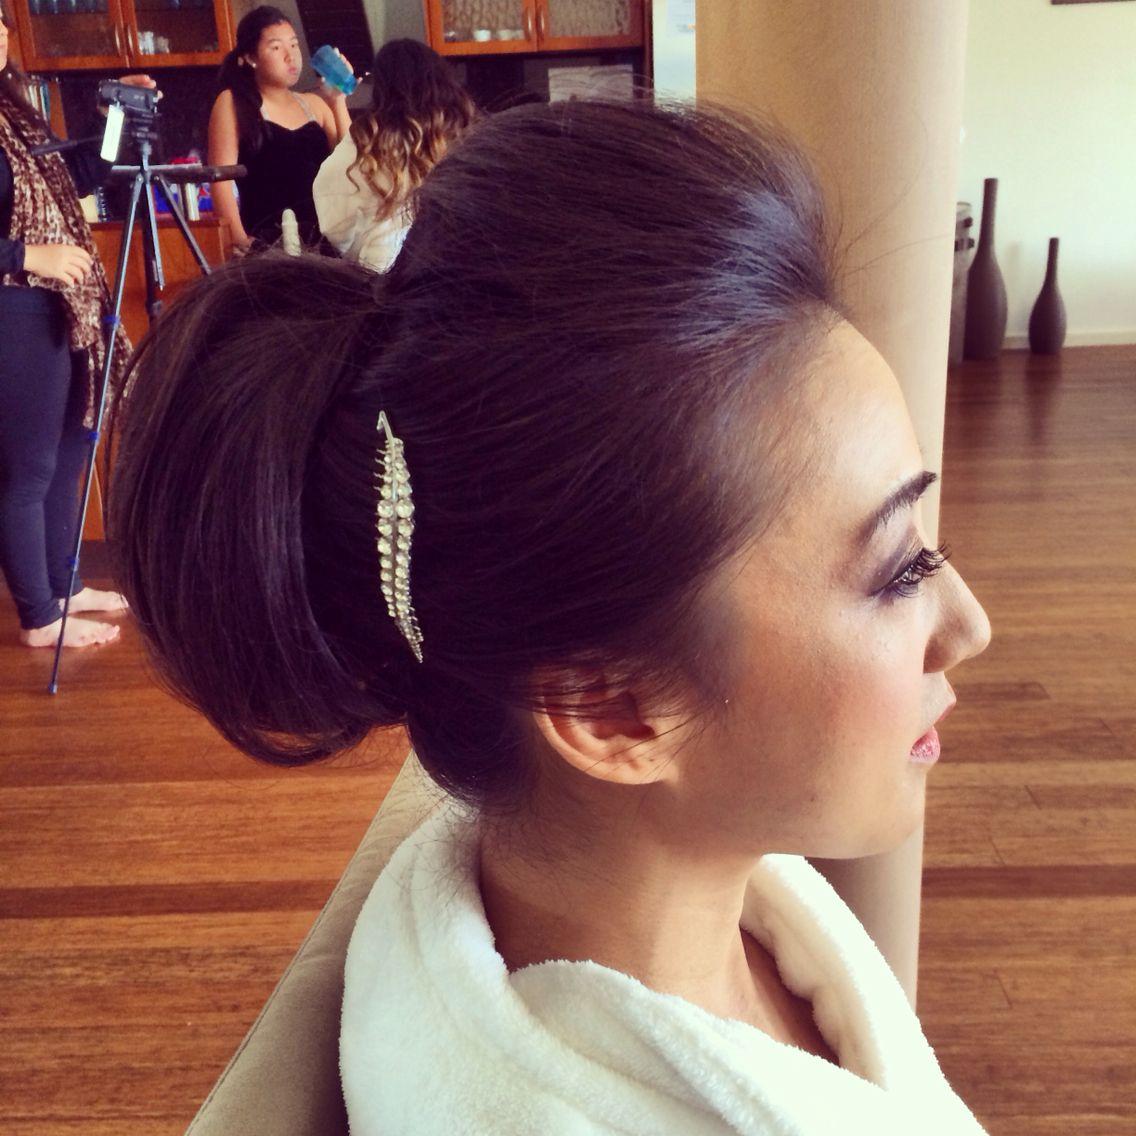 Bridal hairstyle, chignon, quiff, bun. Hair & makeup by